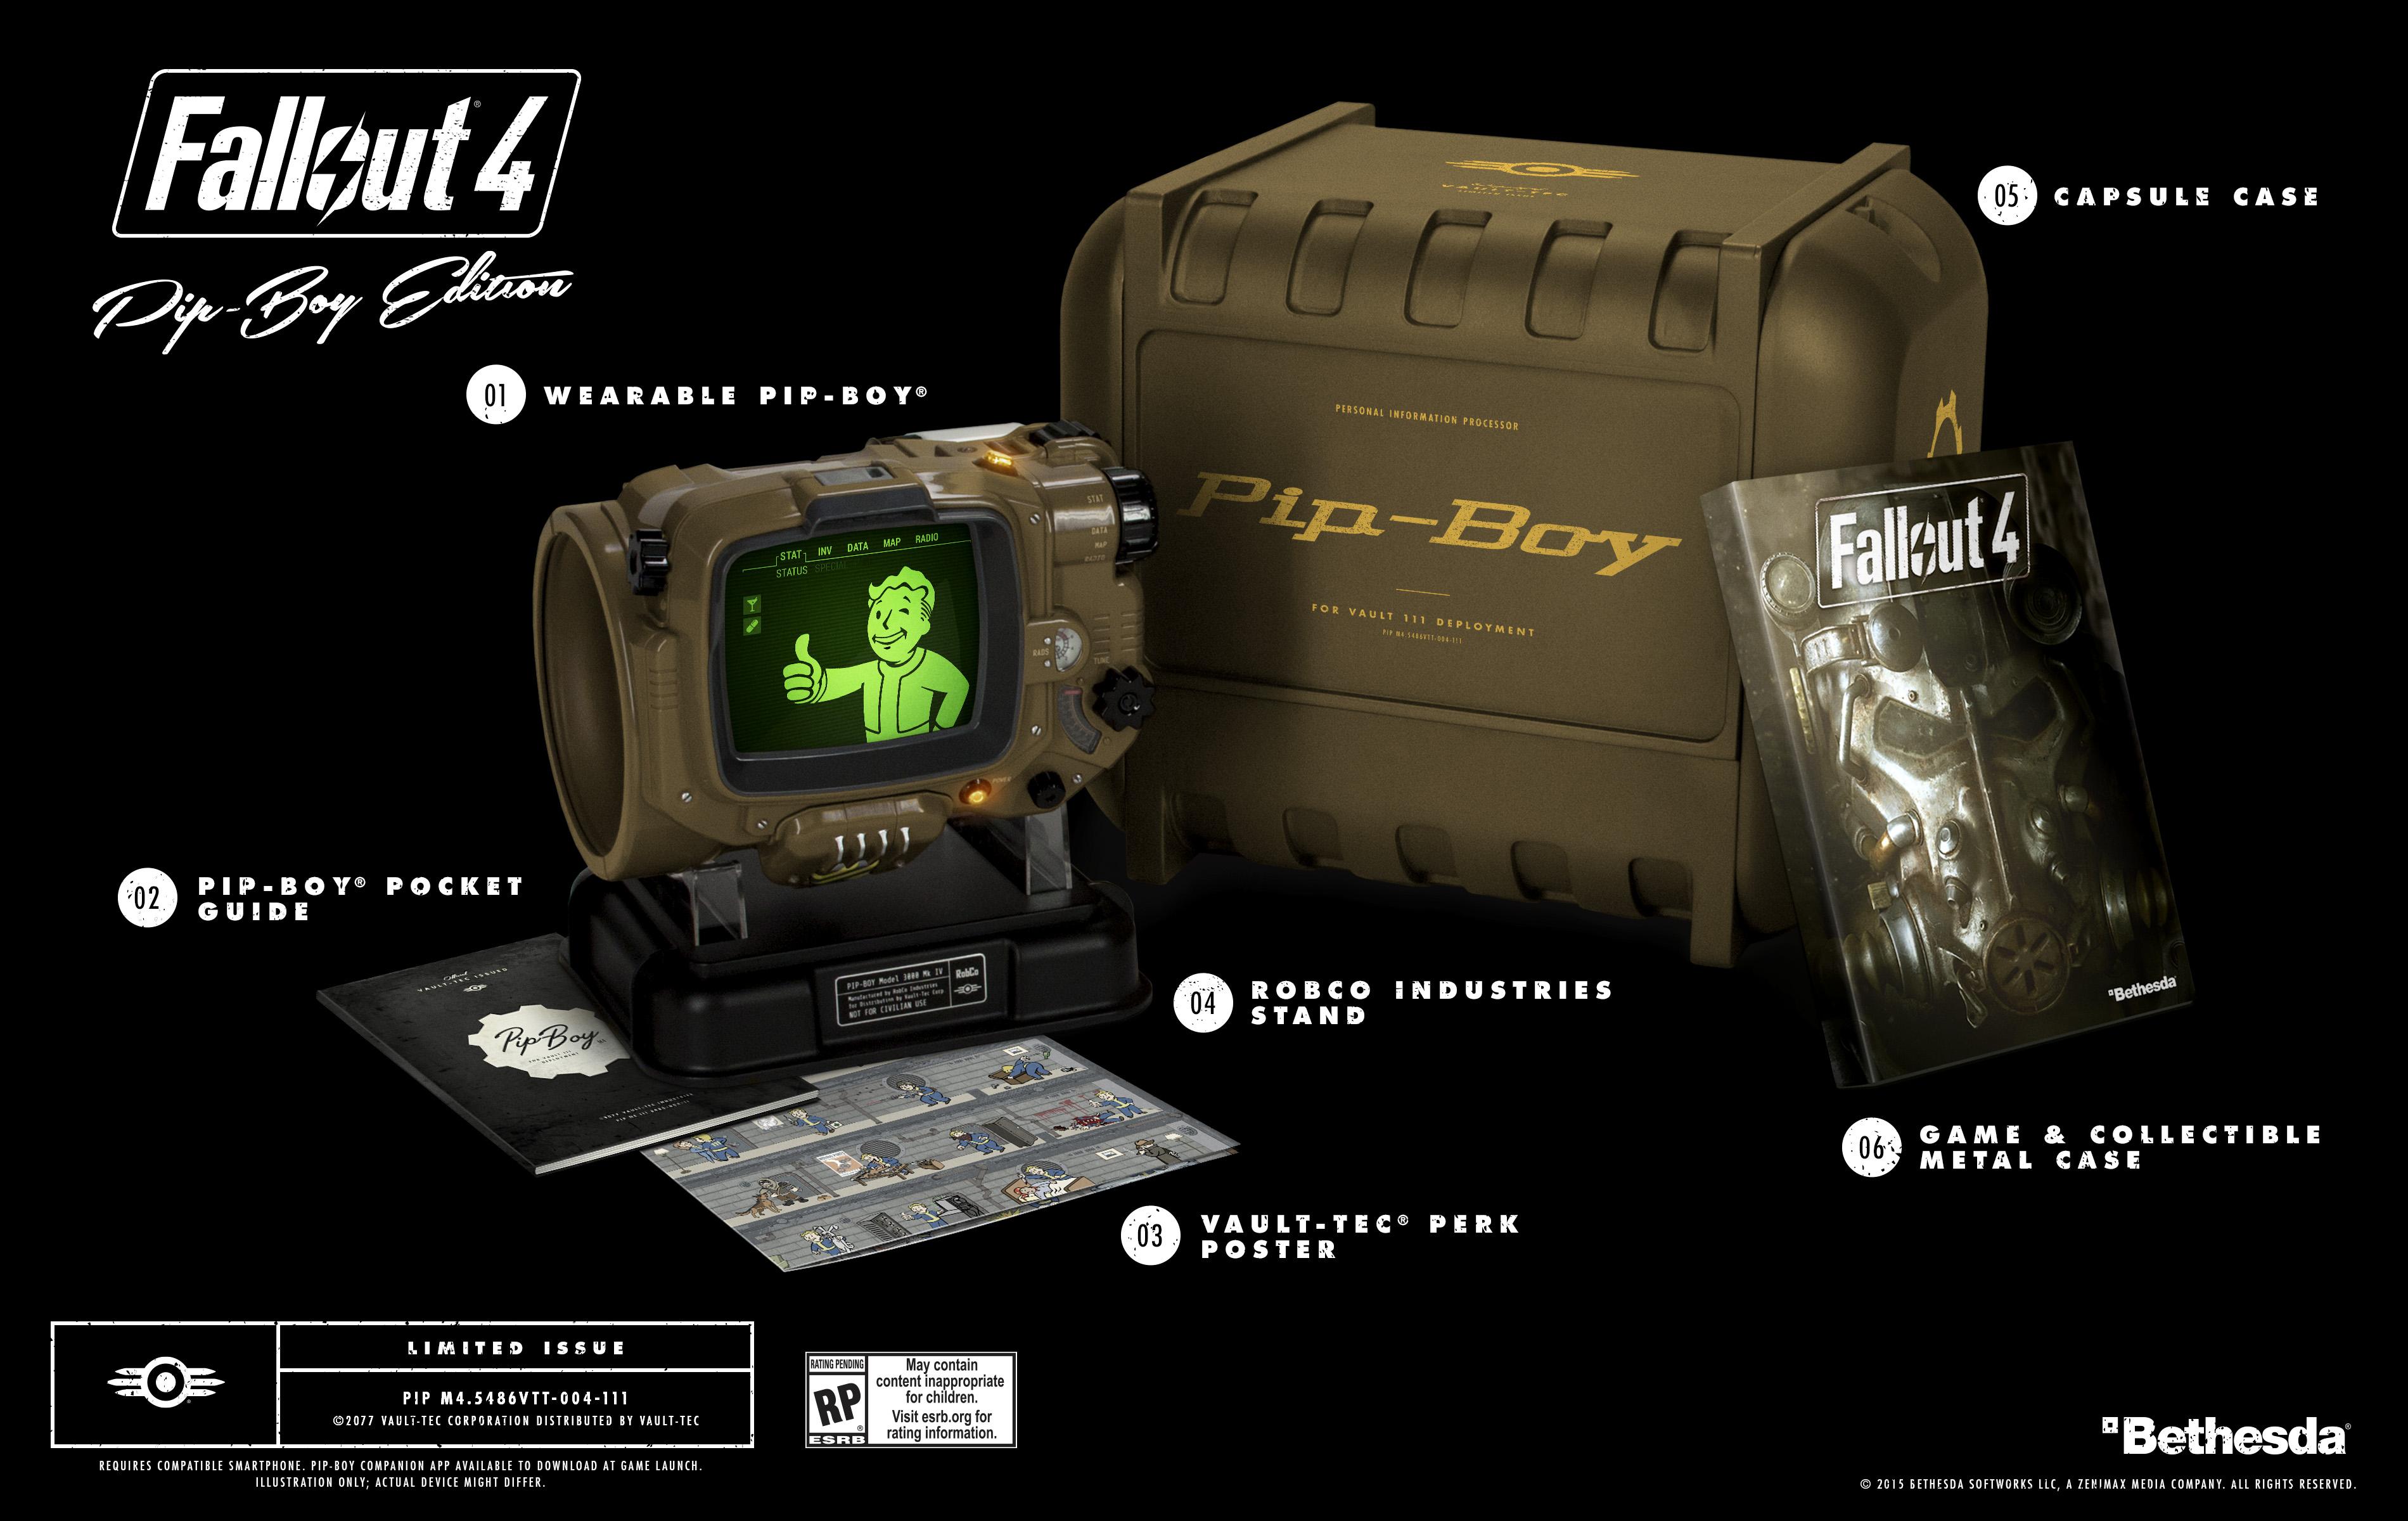 Detaily o sběratelské edici Fallout 4 110127